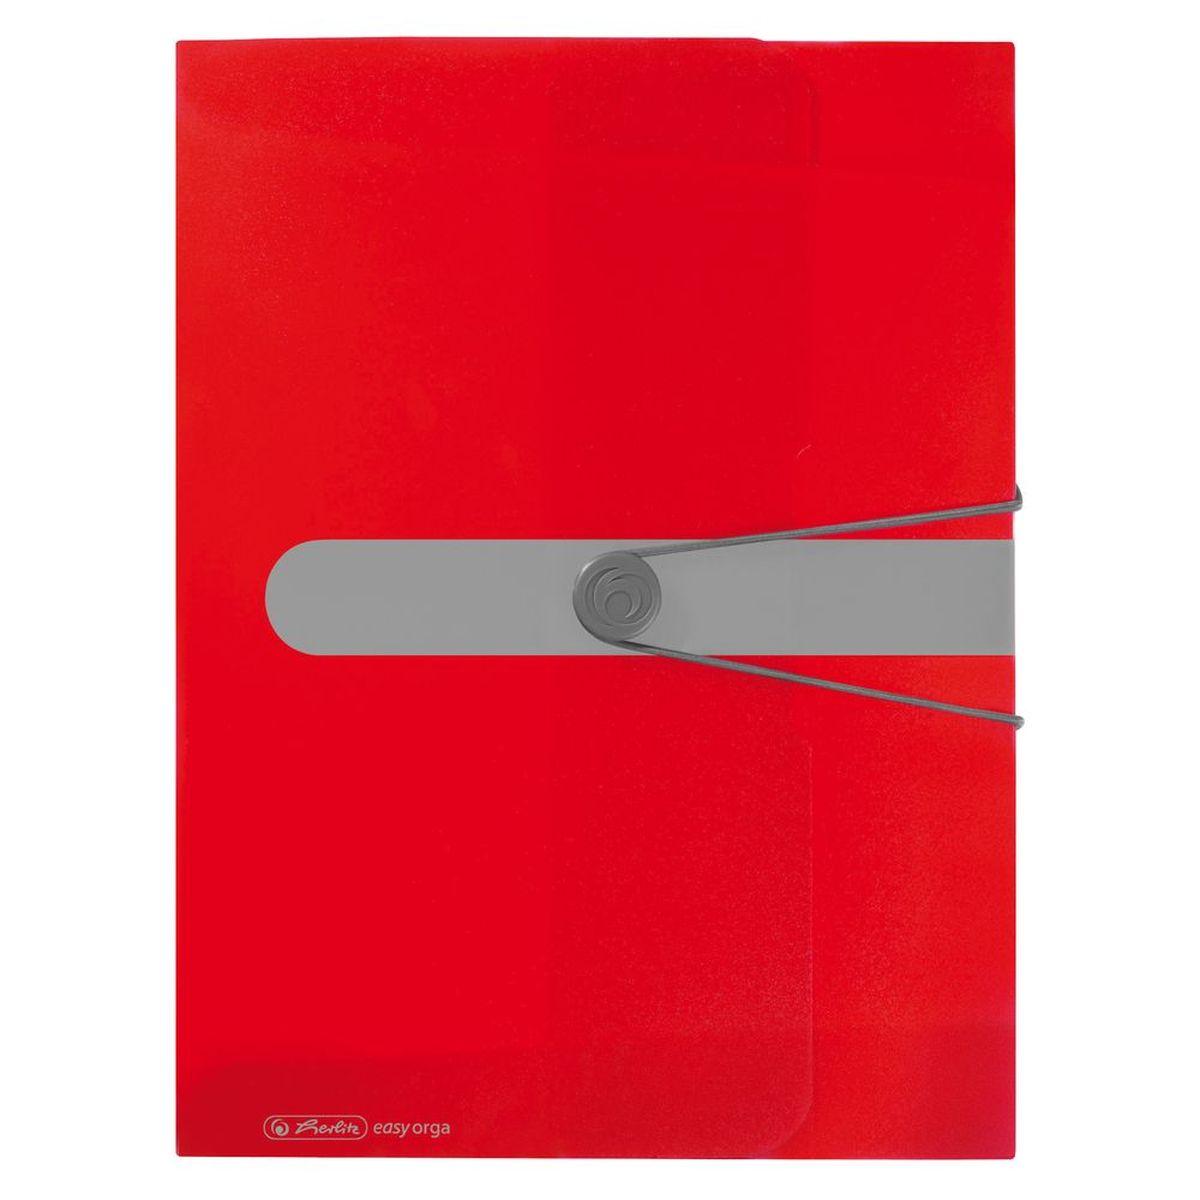 Herlitz Папка-конверт Easy orga to go цвет красный